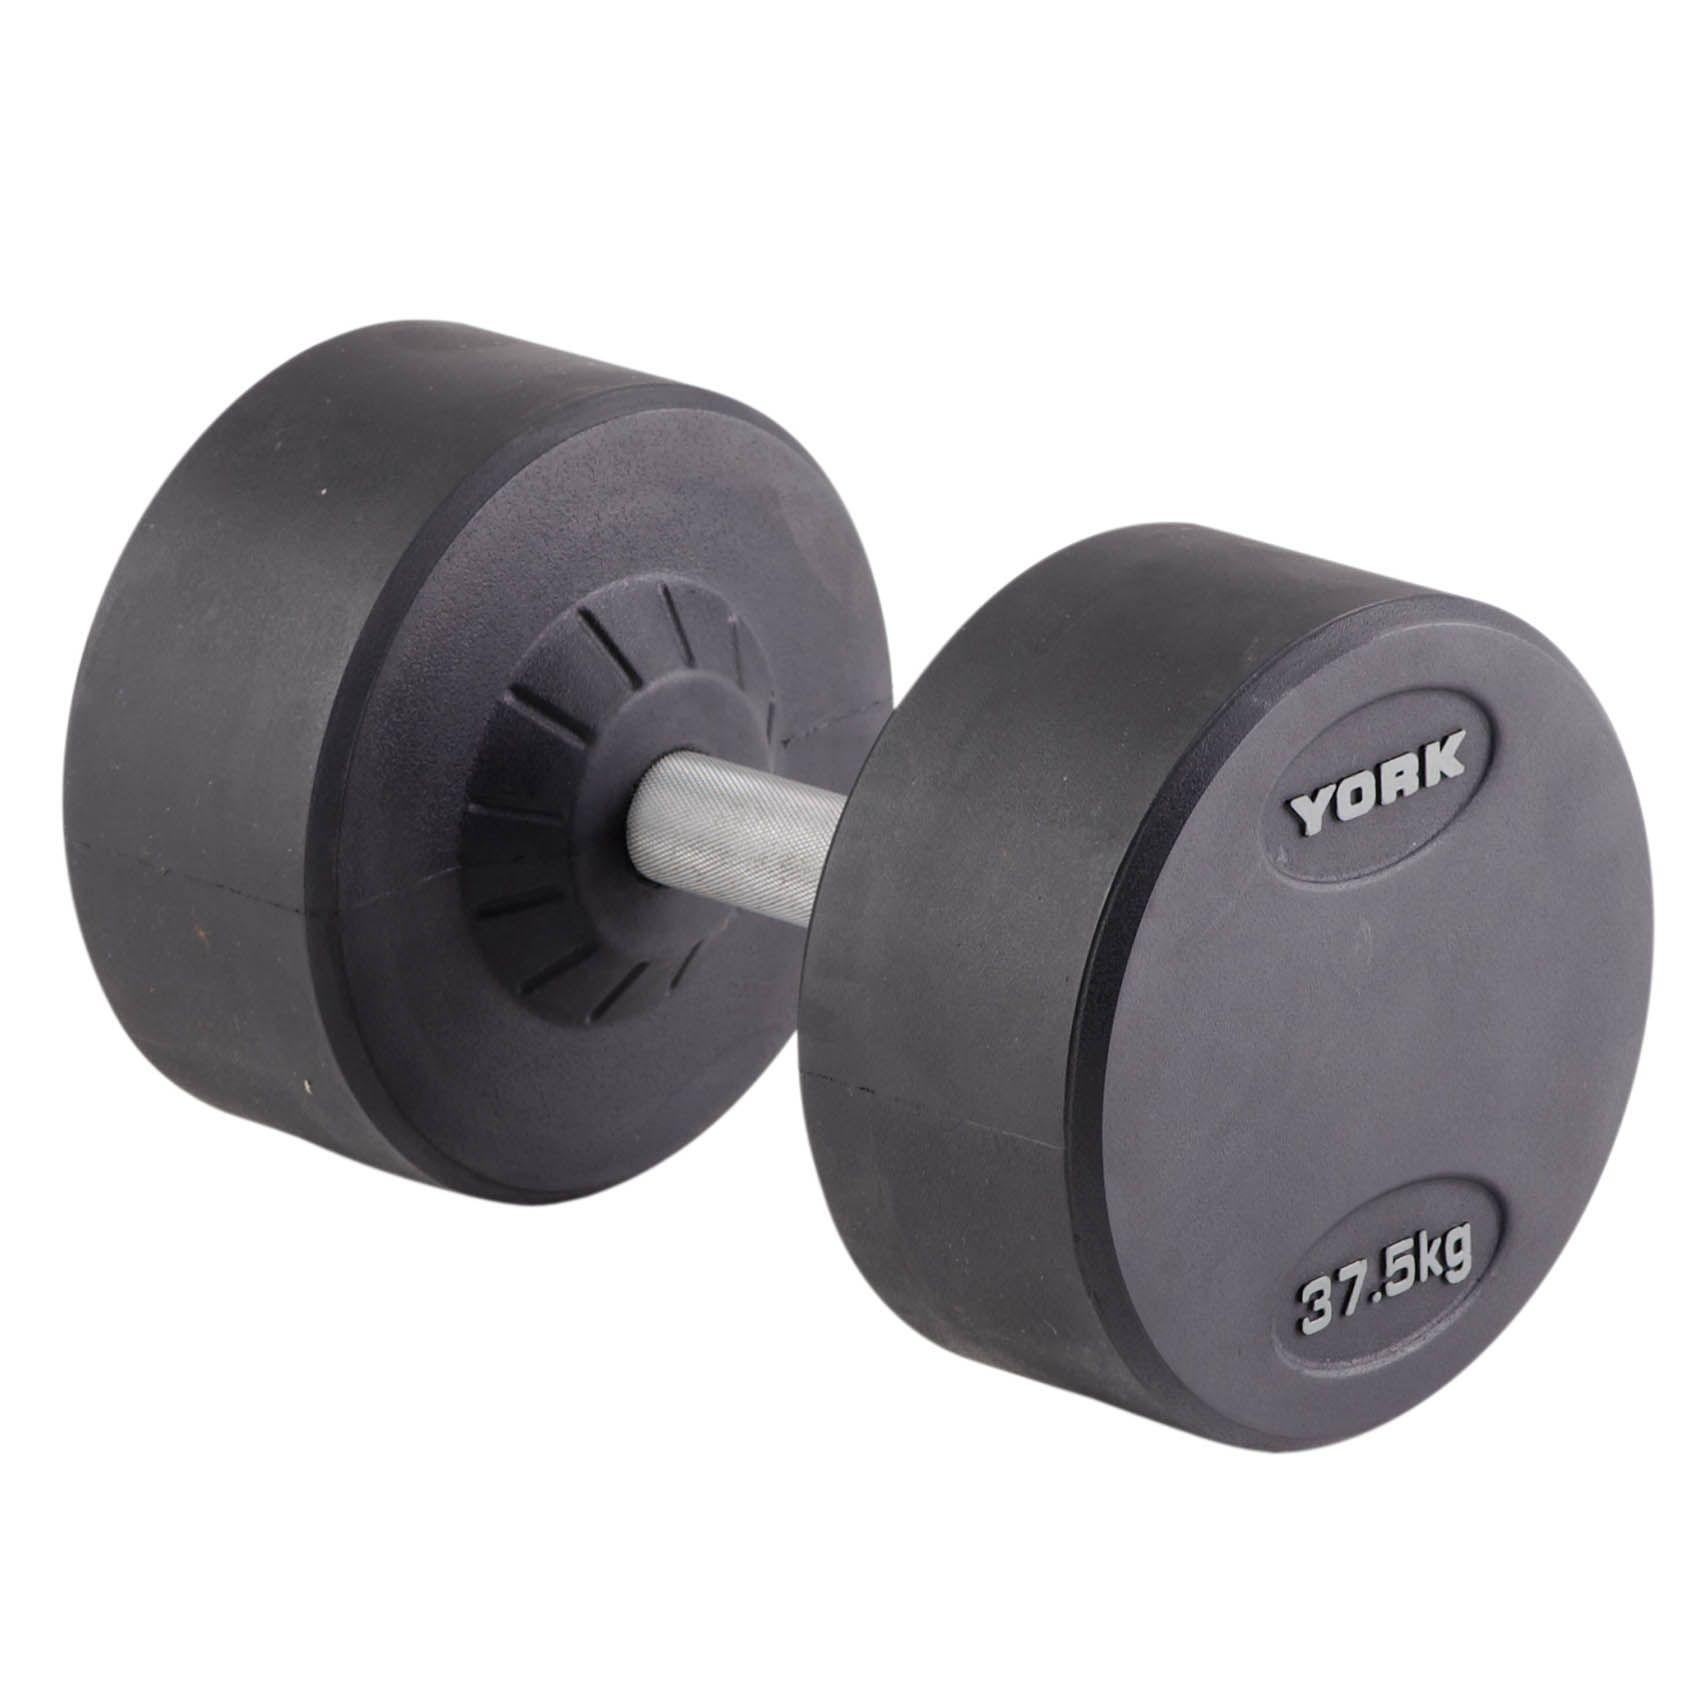 York 37.5kg Pro-Style Dumbbell